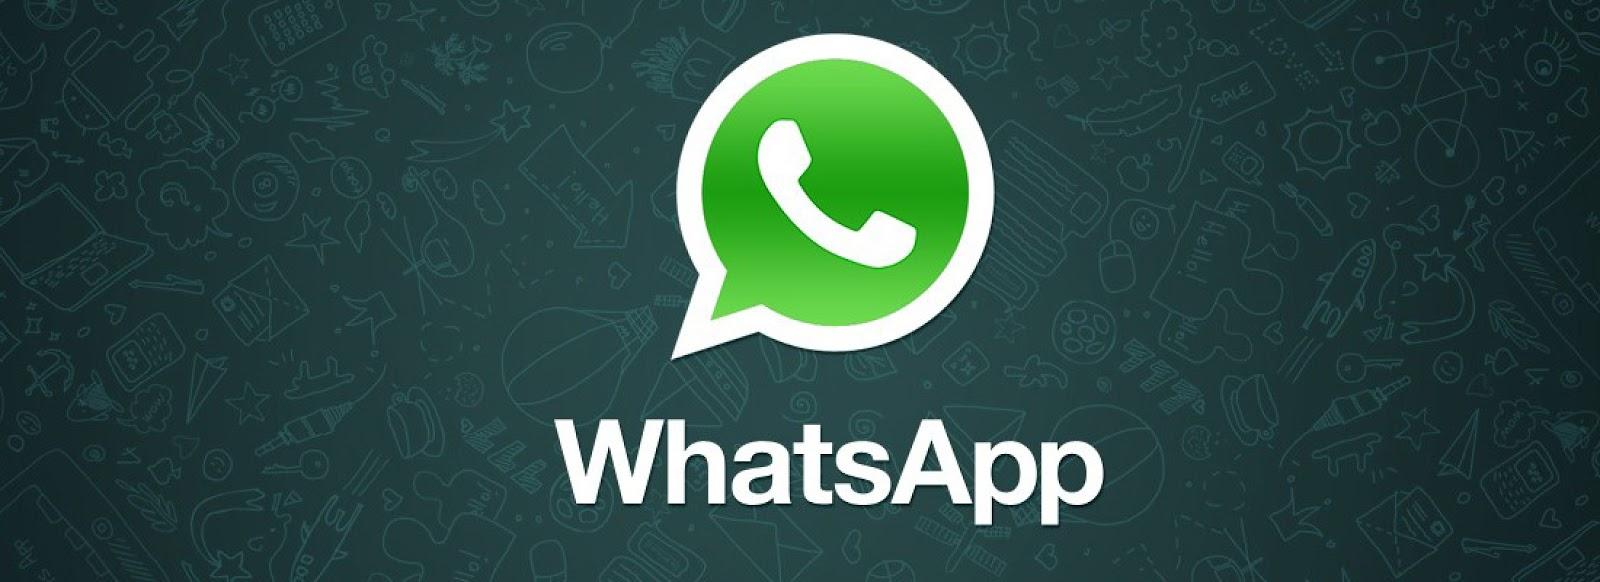 Whatsapp ya tiene mas de 400 millones de usuarios activos